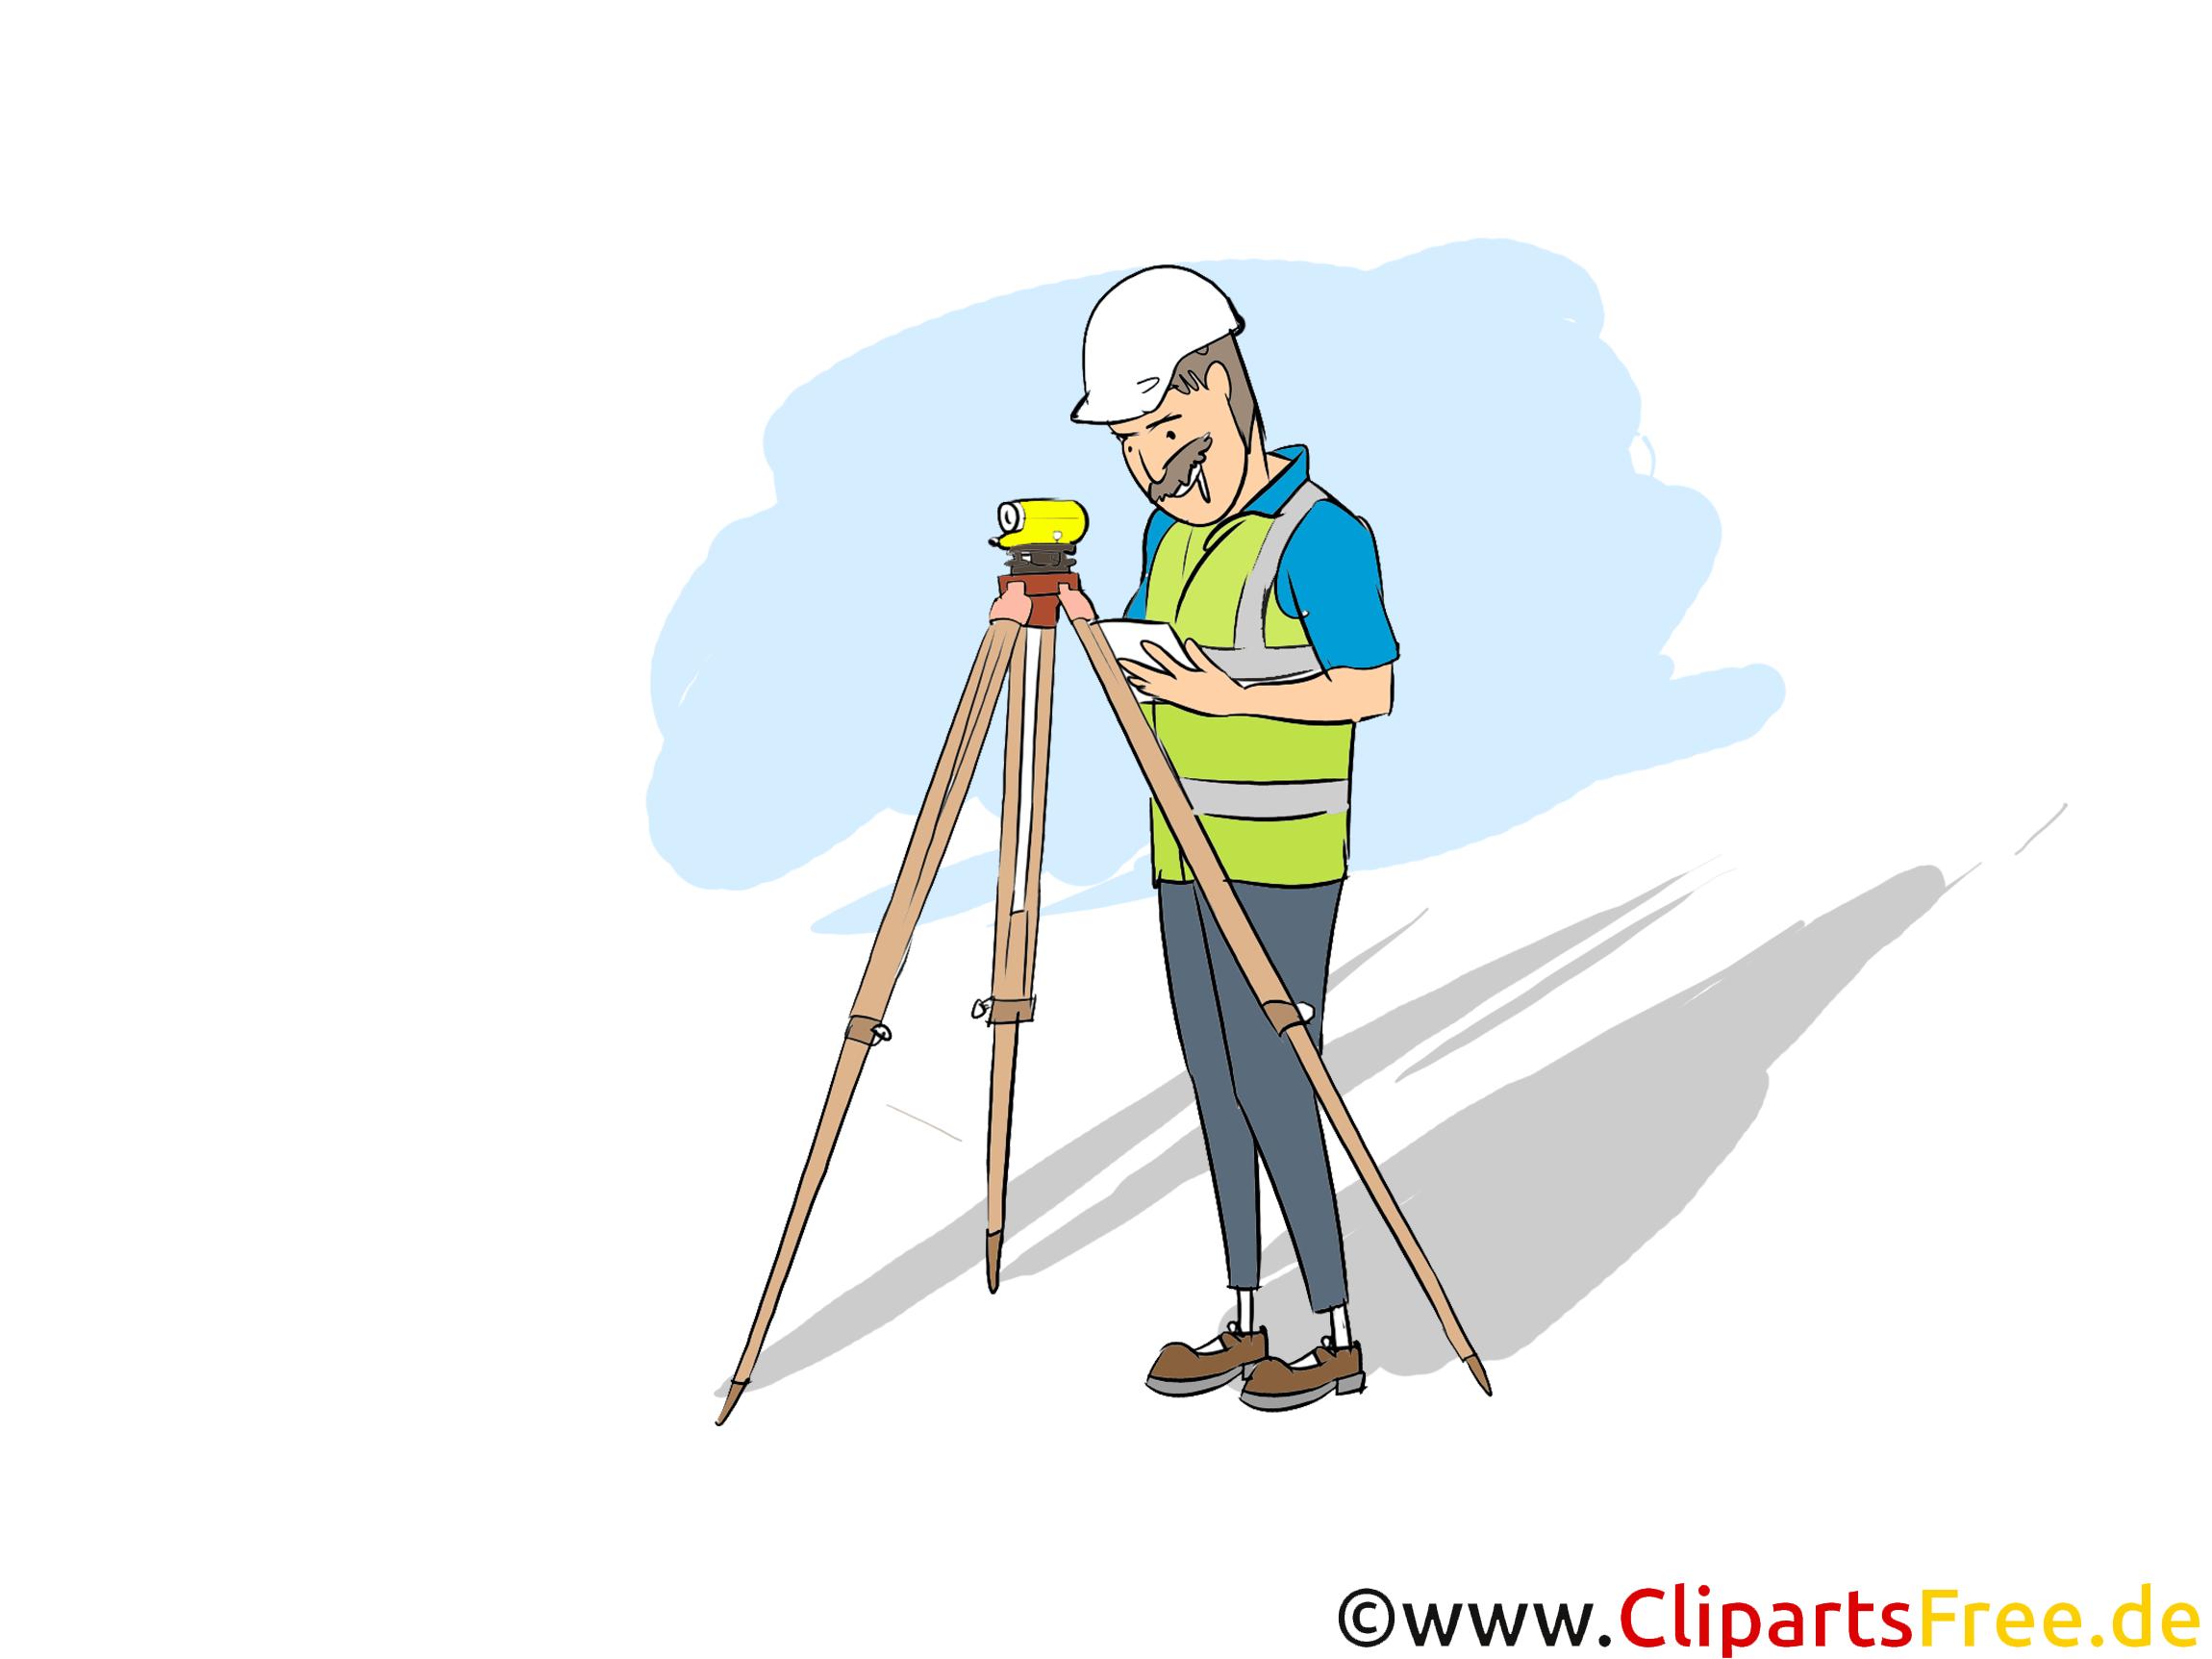 Vermessungstechniker Clipart, Bild, Grafik zum Thema Ausbildungsberufe